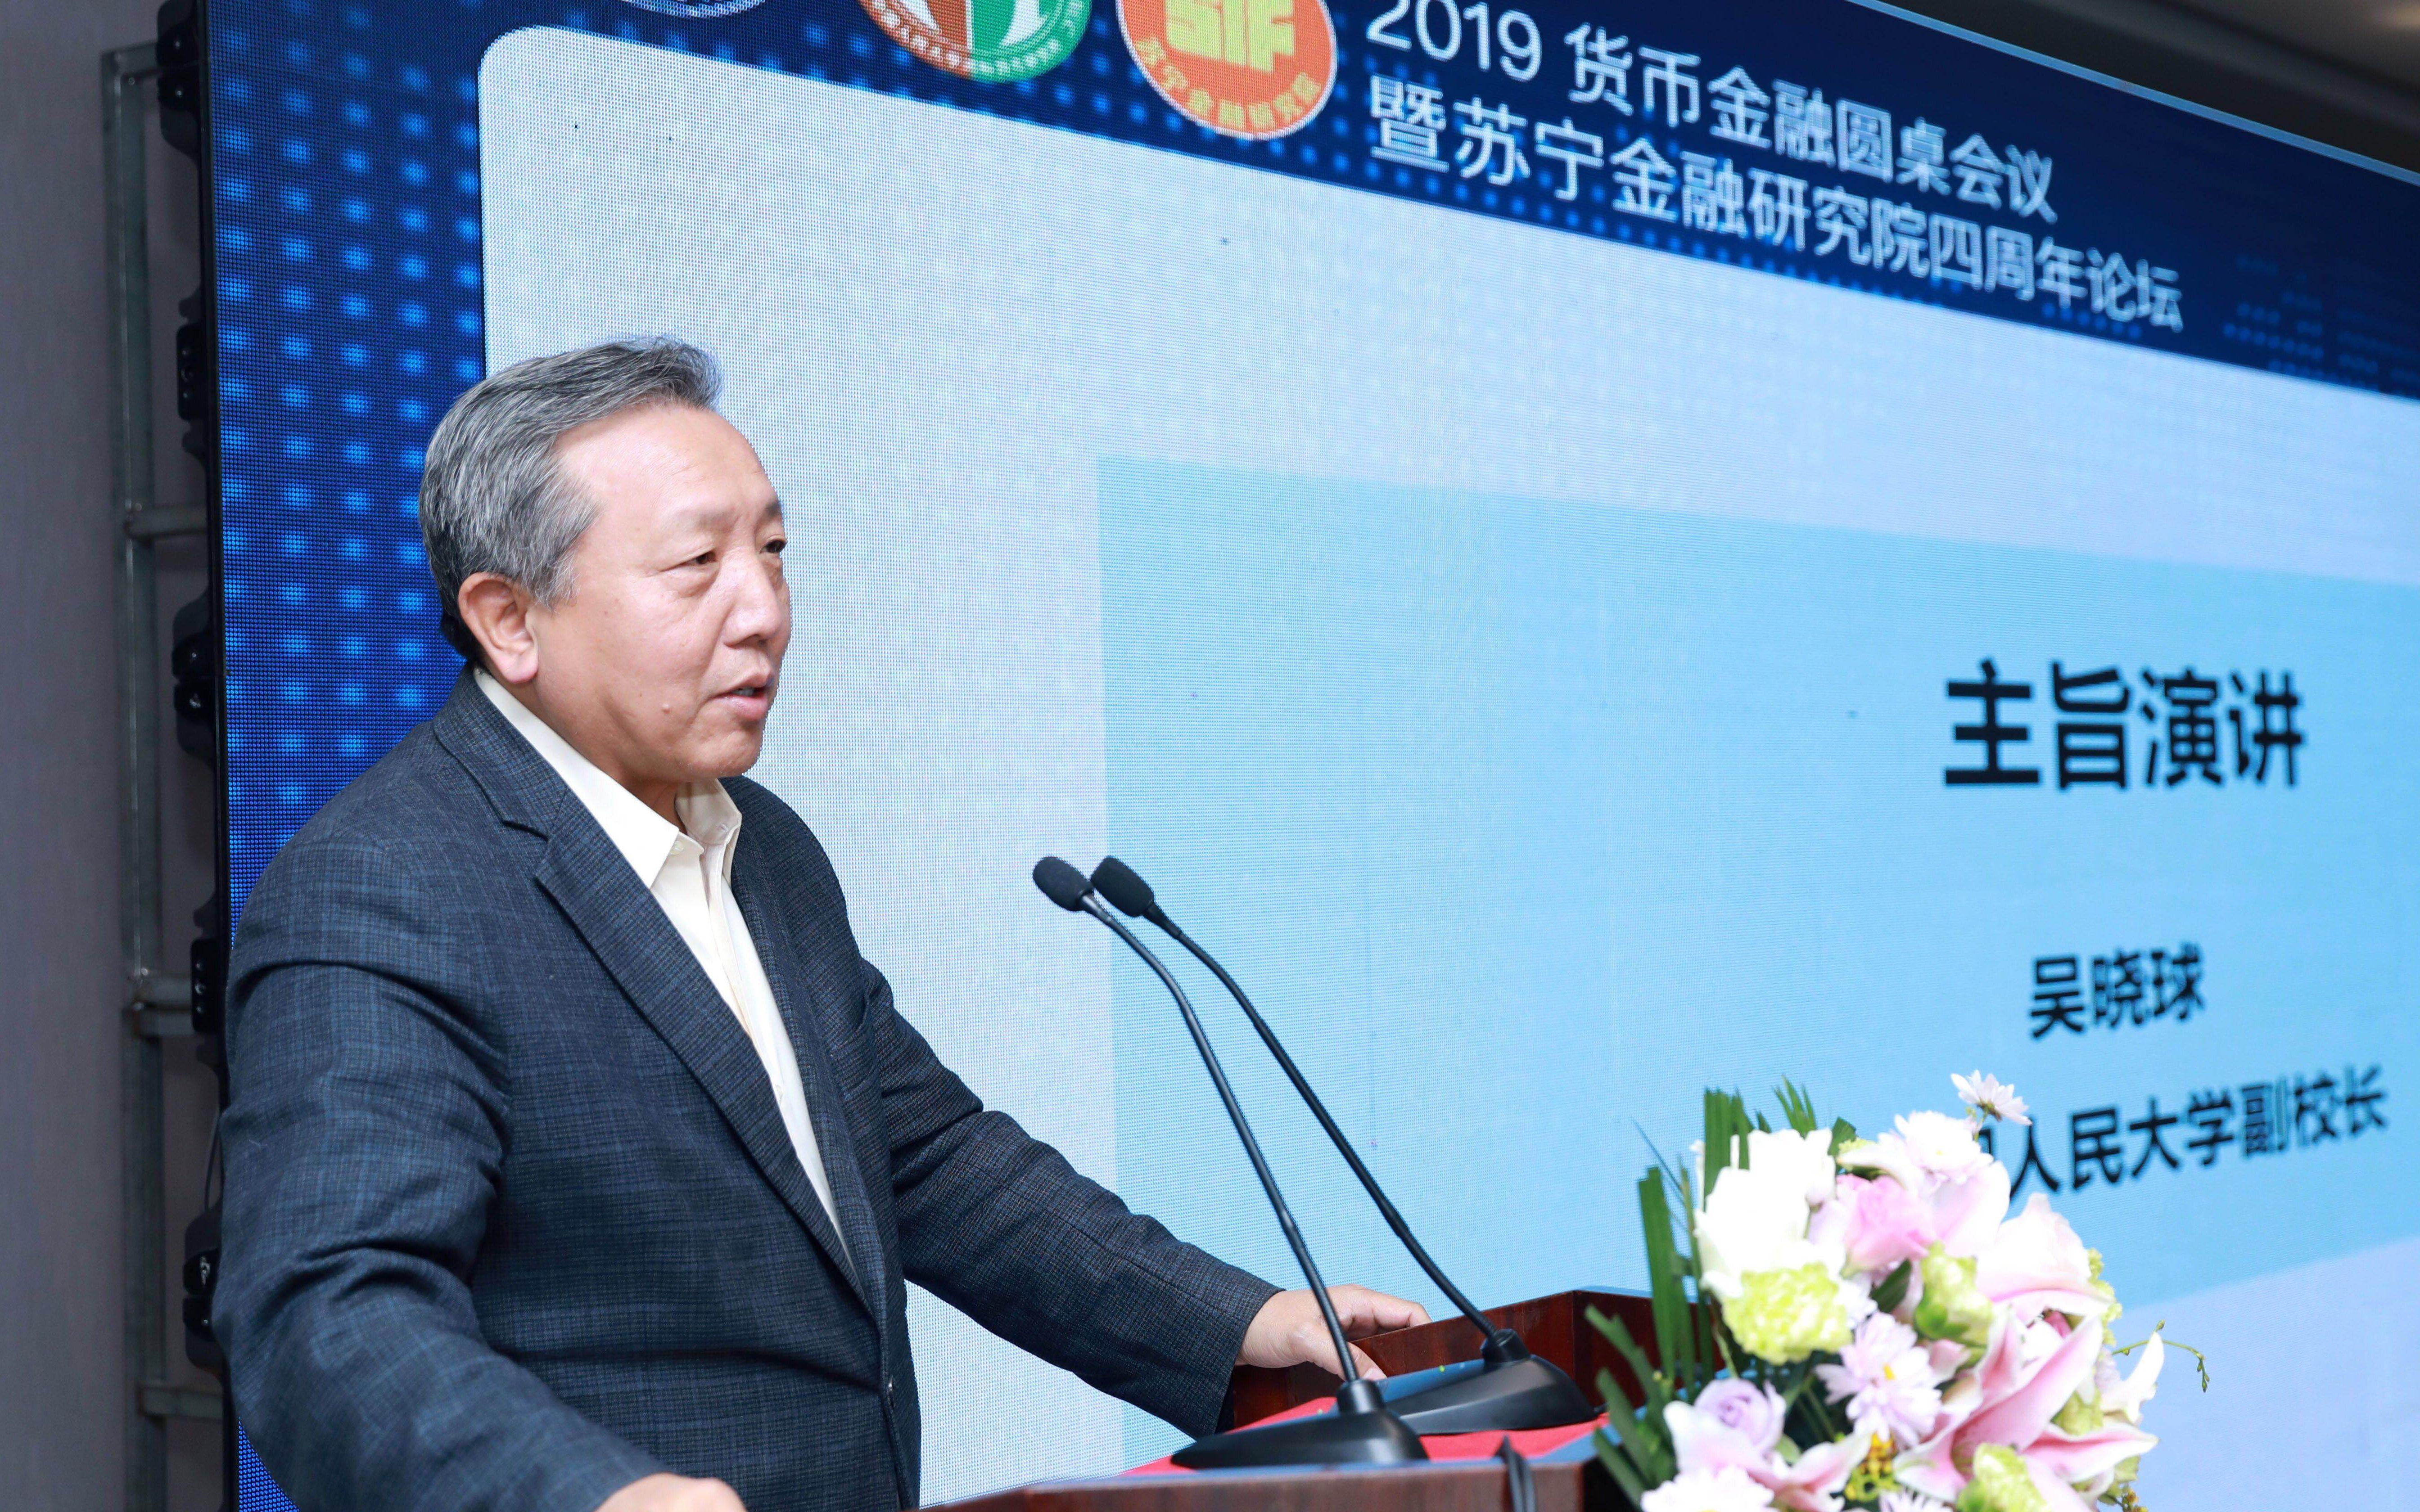 吳曉球呼吁融資者教育:拿了投資者的錢要有回報